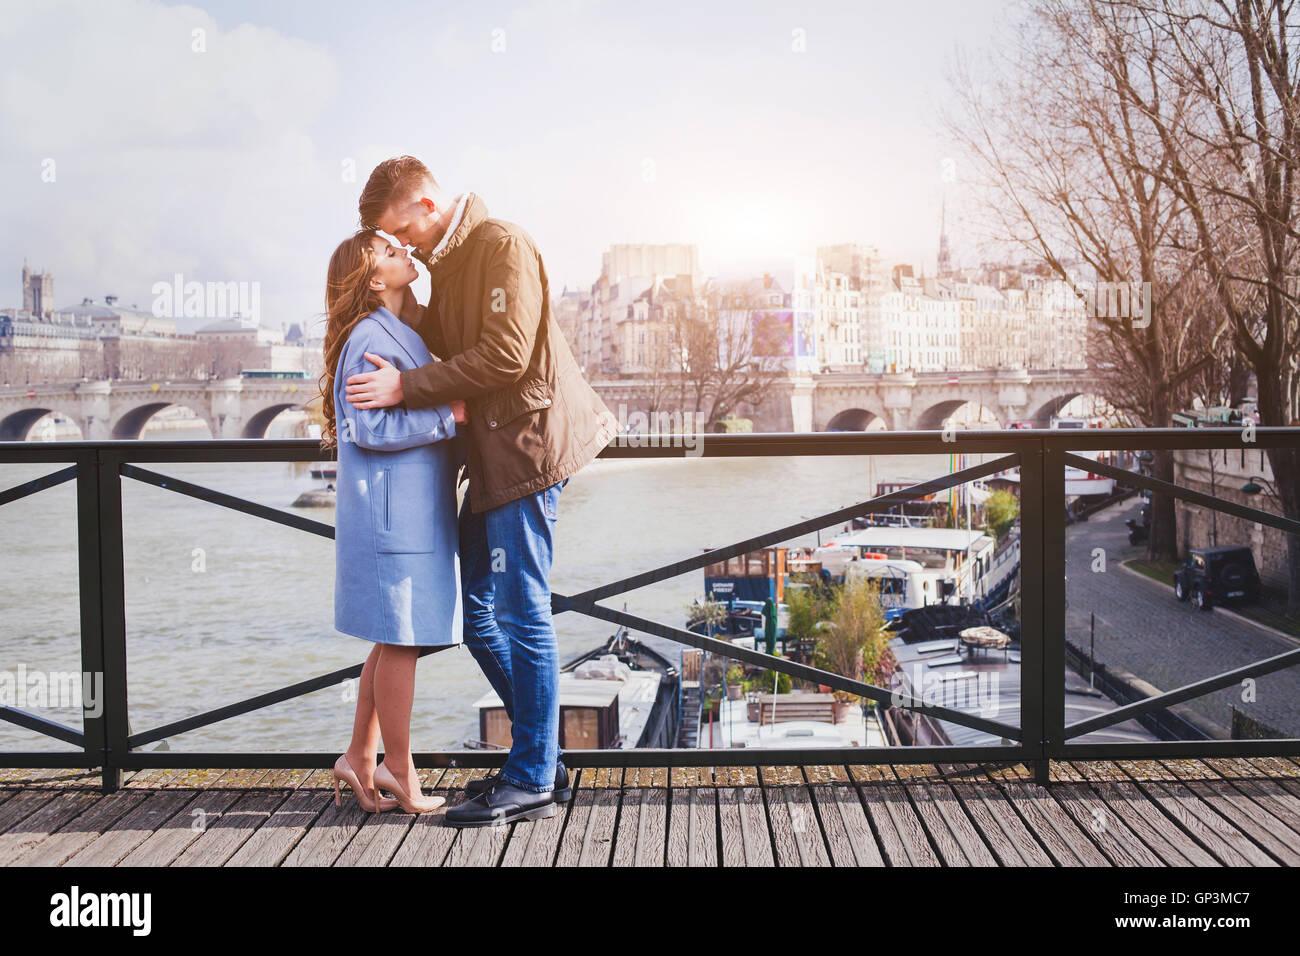 romantisches Date, junge Paar küssen auf der Brücke in Paris Stockbild